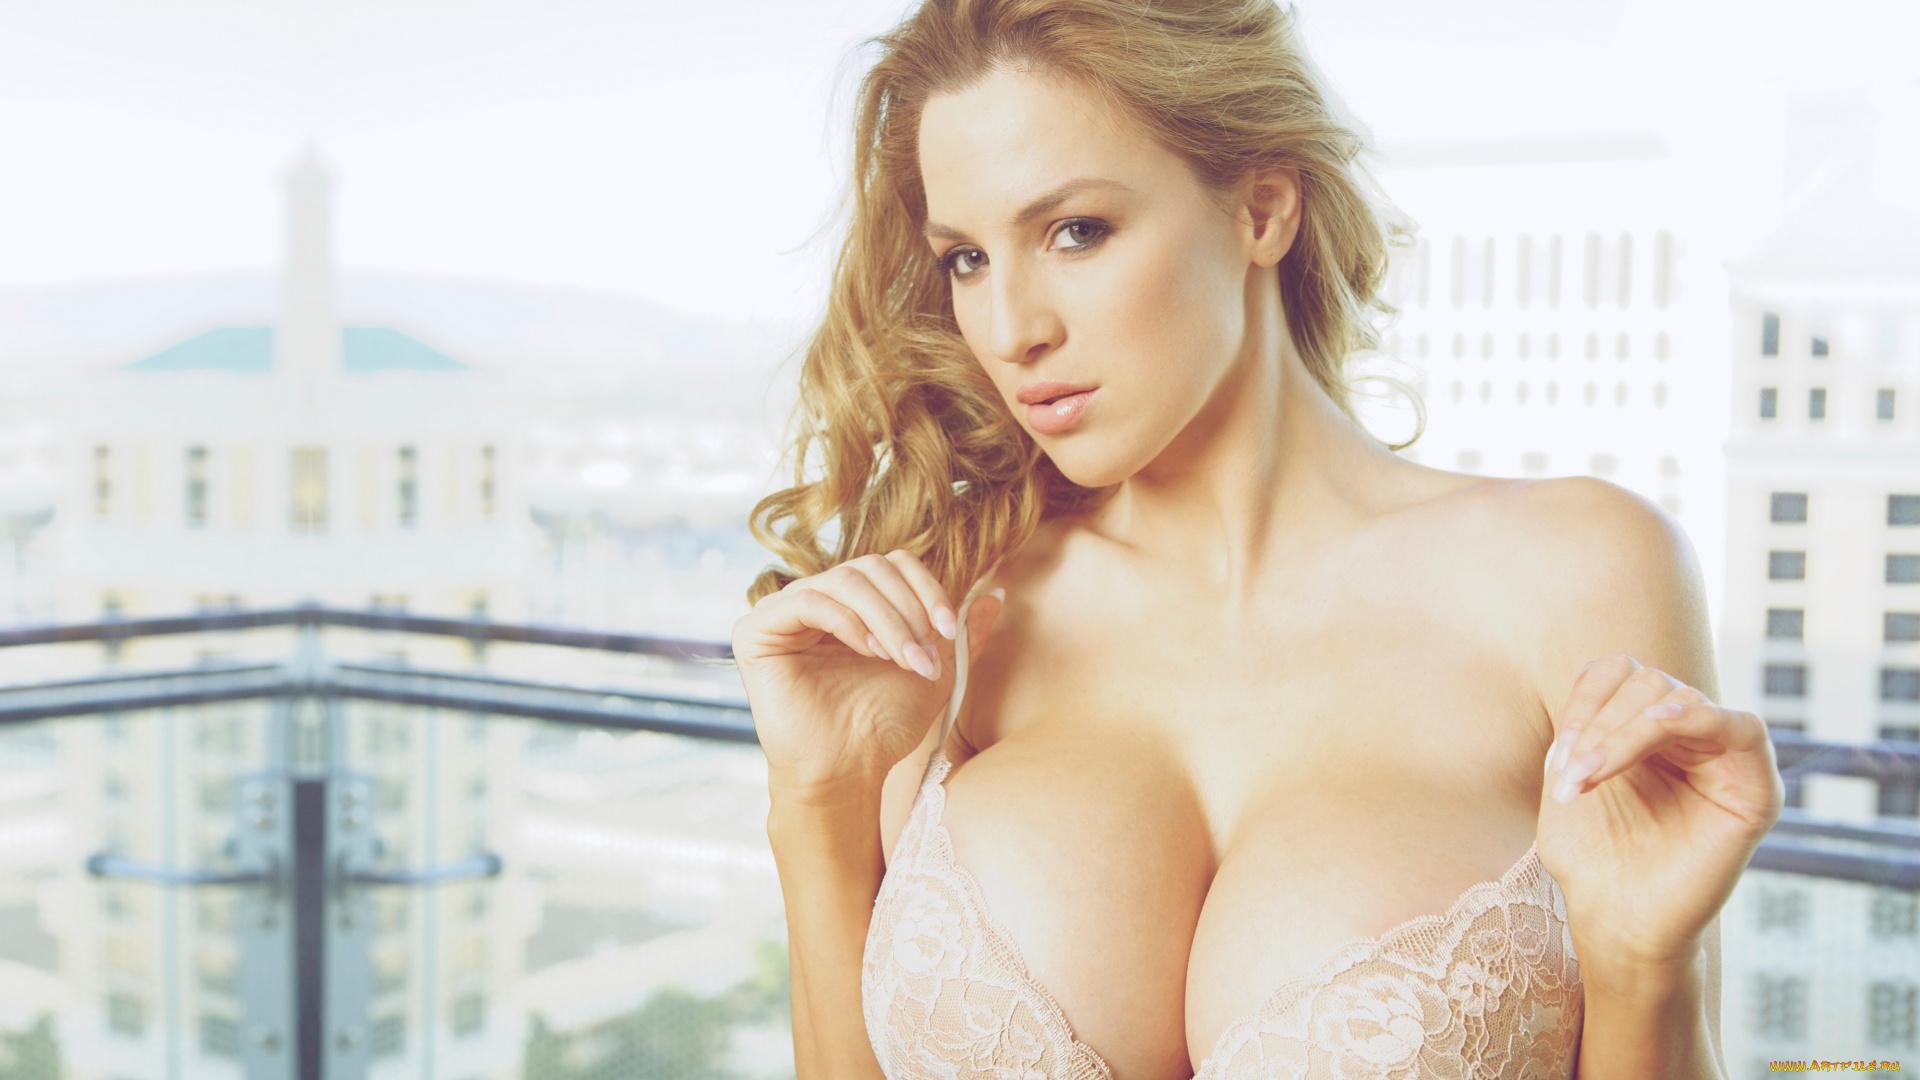 Порно с девочками грудью 4 размера